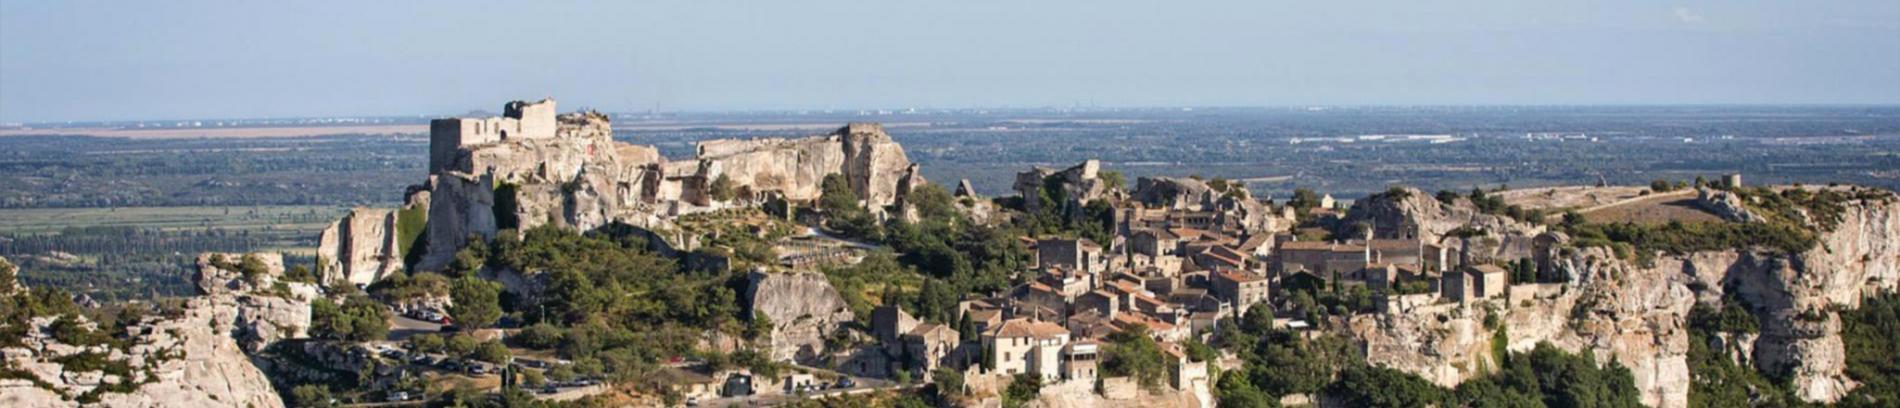 Slide Les Baux de Provence